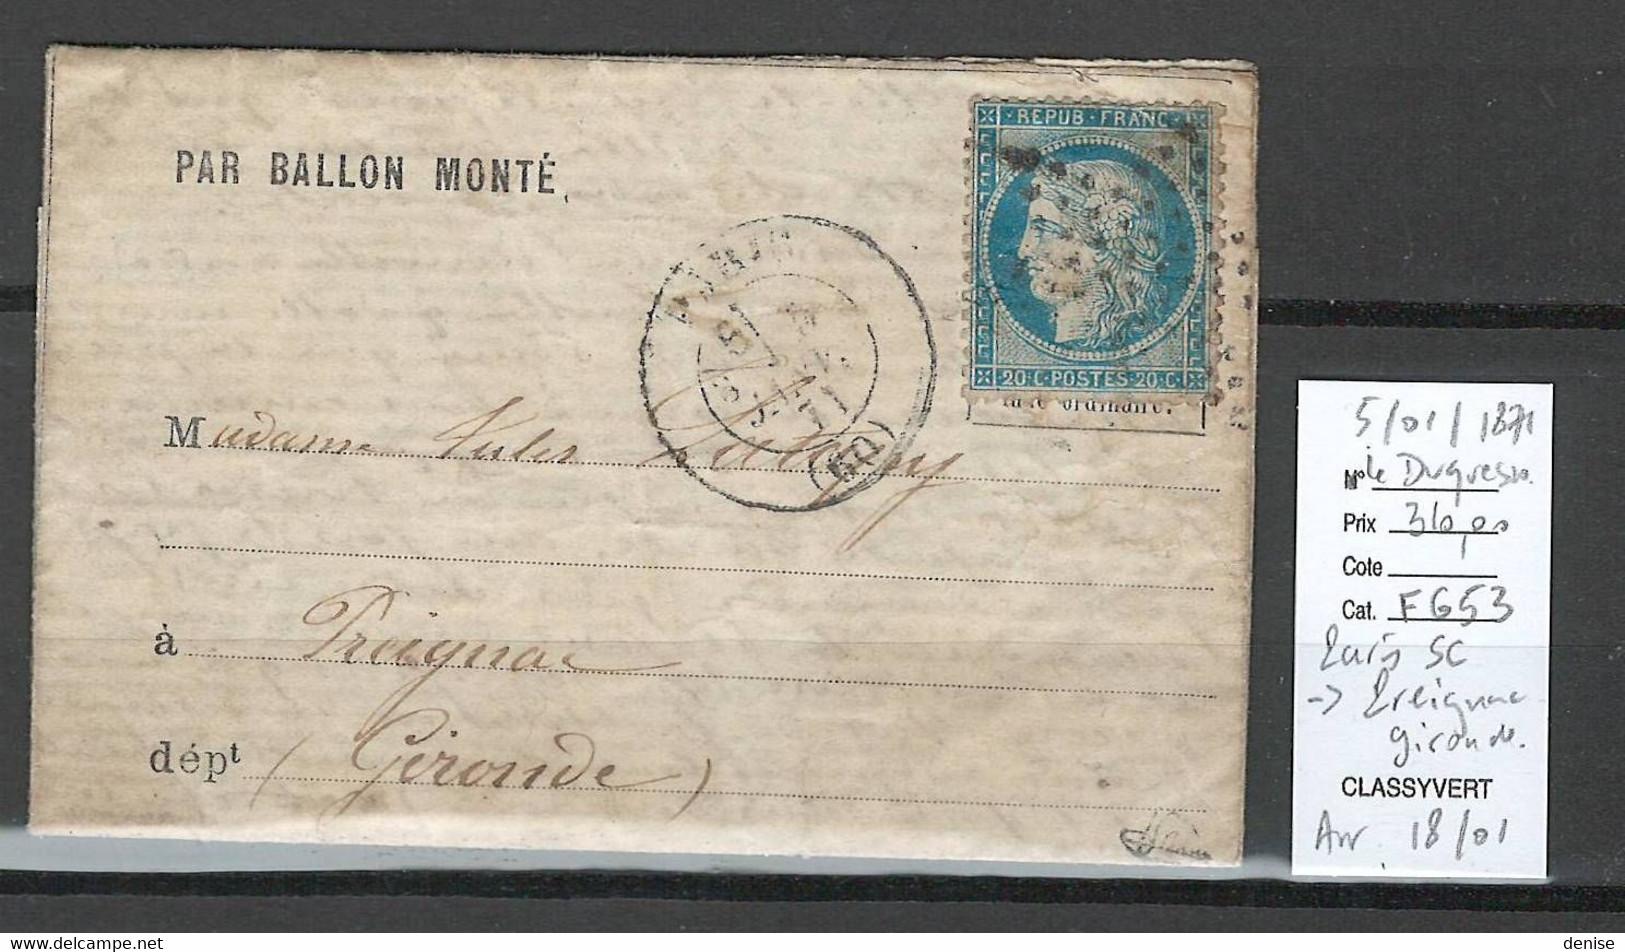 France - BALLON MONTE - 05/01/1871 - LE DUQUESNE - Paris SC Pour PREIGNAC - Gironde - SIGNE BRUN - 1870 Siege Of Paris